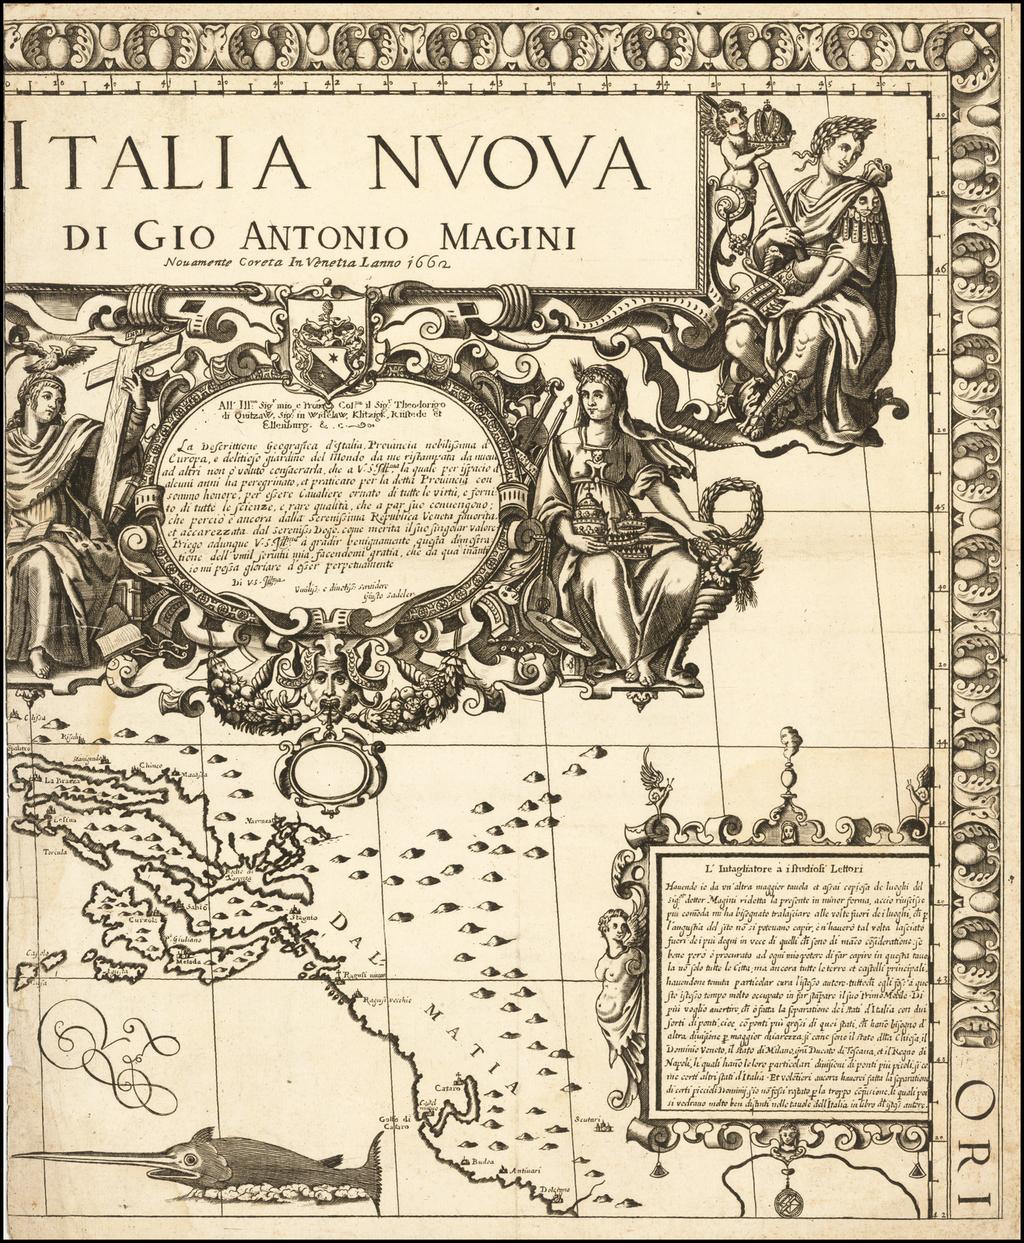 Italia Nuova di Gio Antonio Magini Novamente Coreta In Venetia Lanno 1662 By Giovanni Antonio Magini